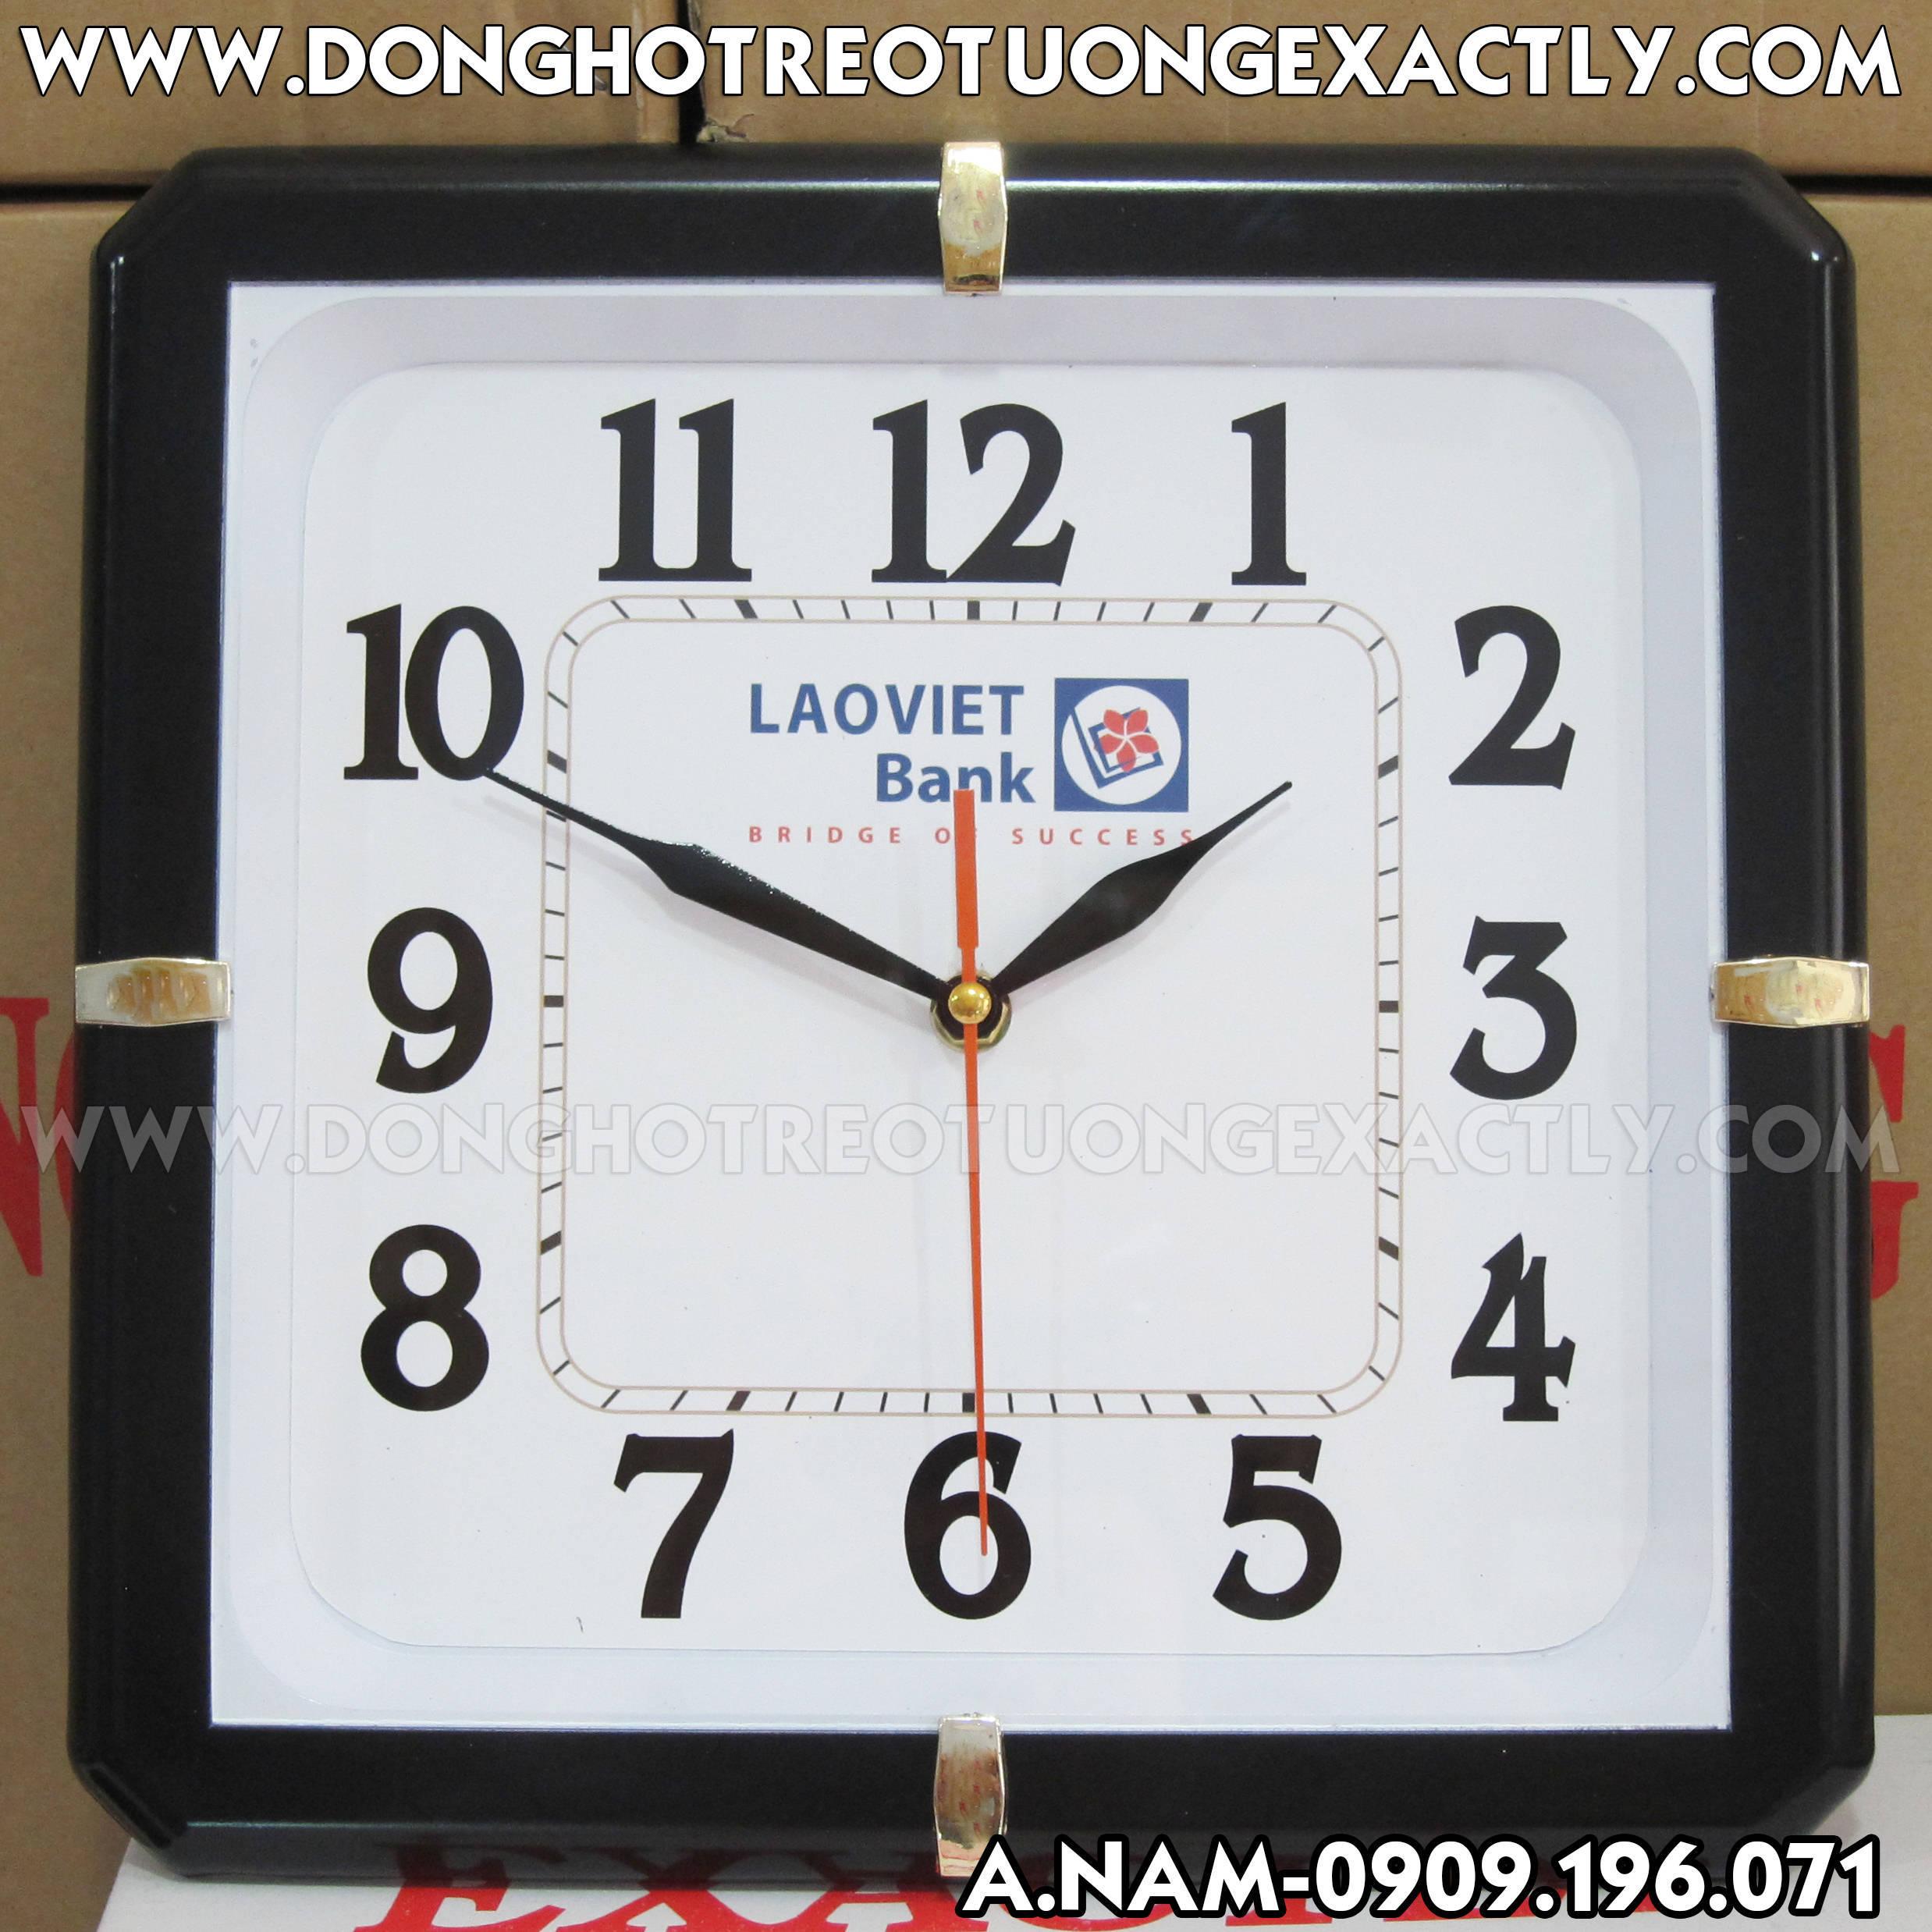 dong ho treo tuong gia re nhat | đồng hồ treo tường giá rẻ nhất